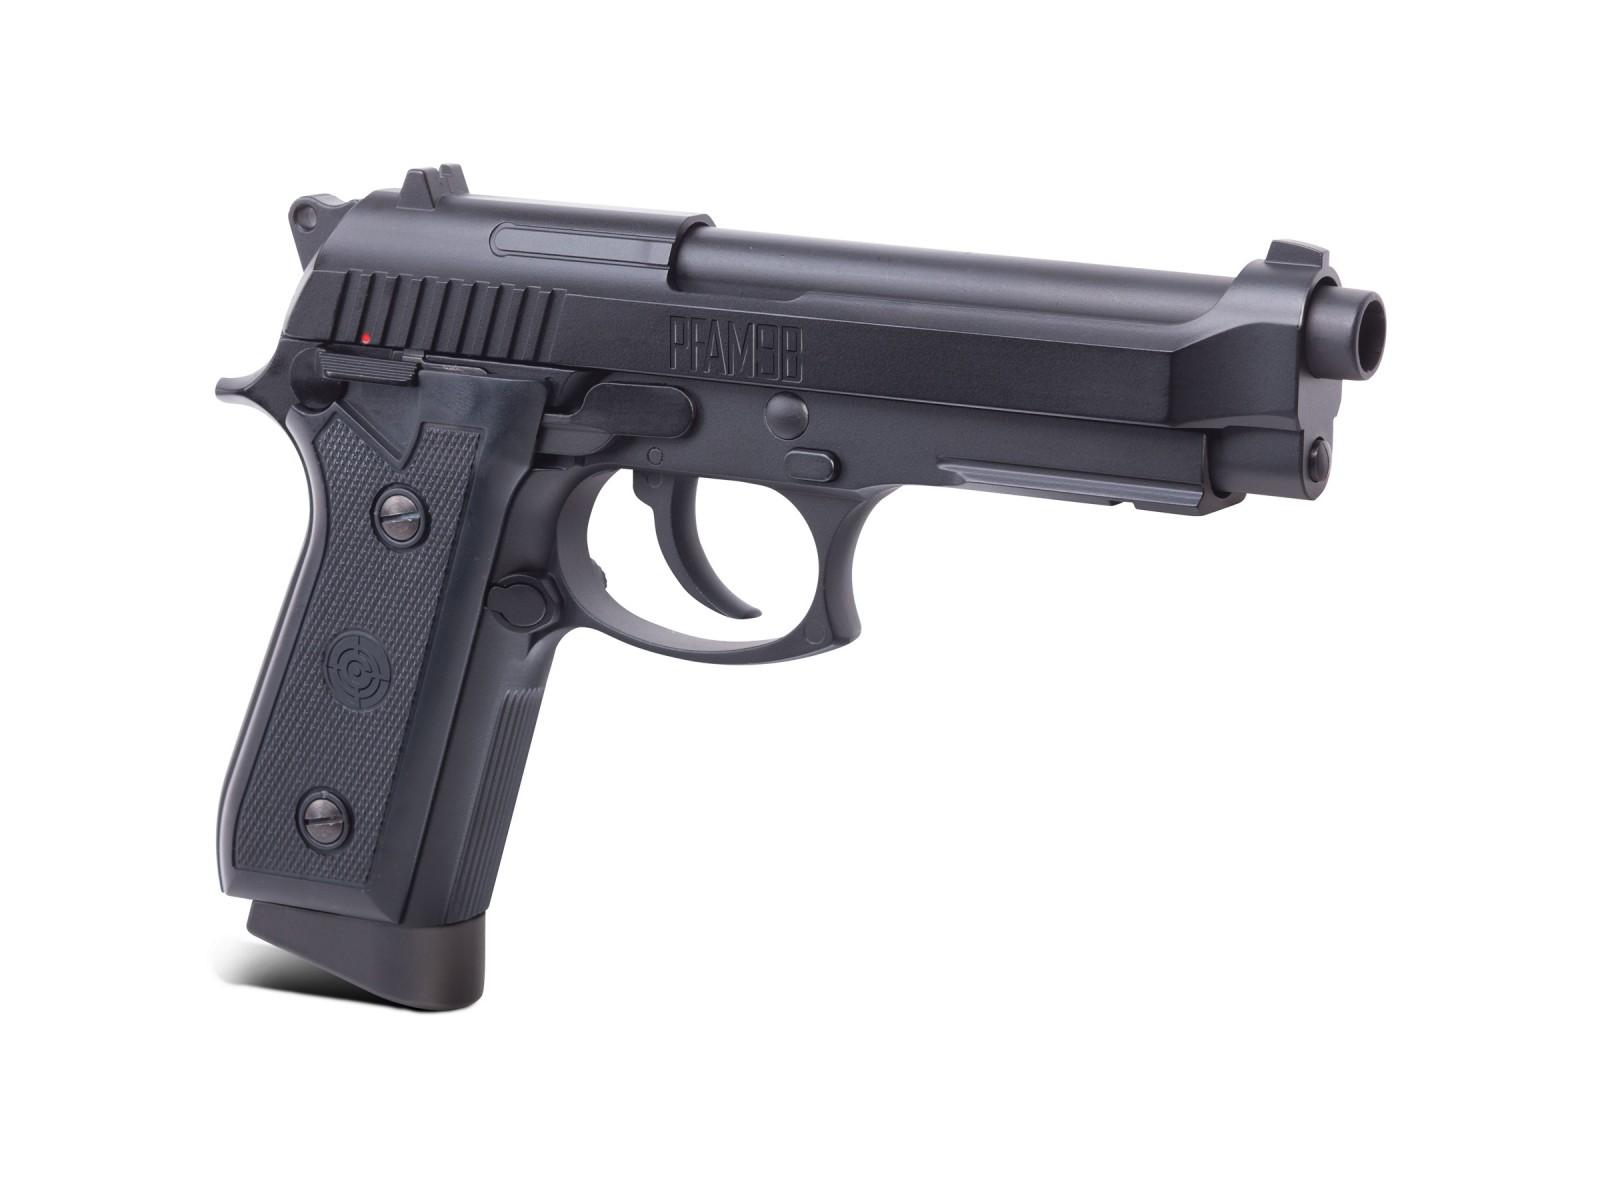 Crosman PFAM9B CO2 Full Auto BB Pistol 0.177